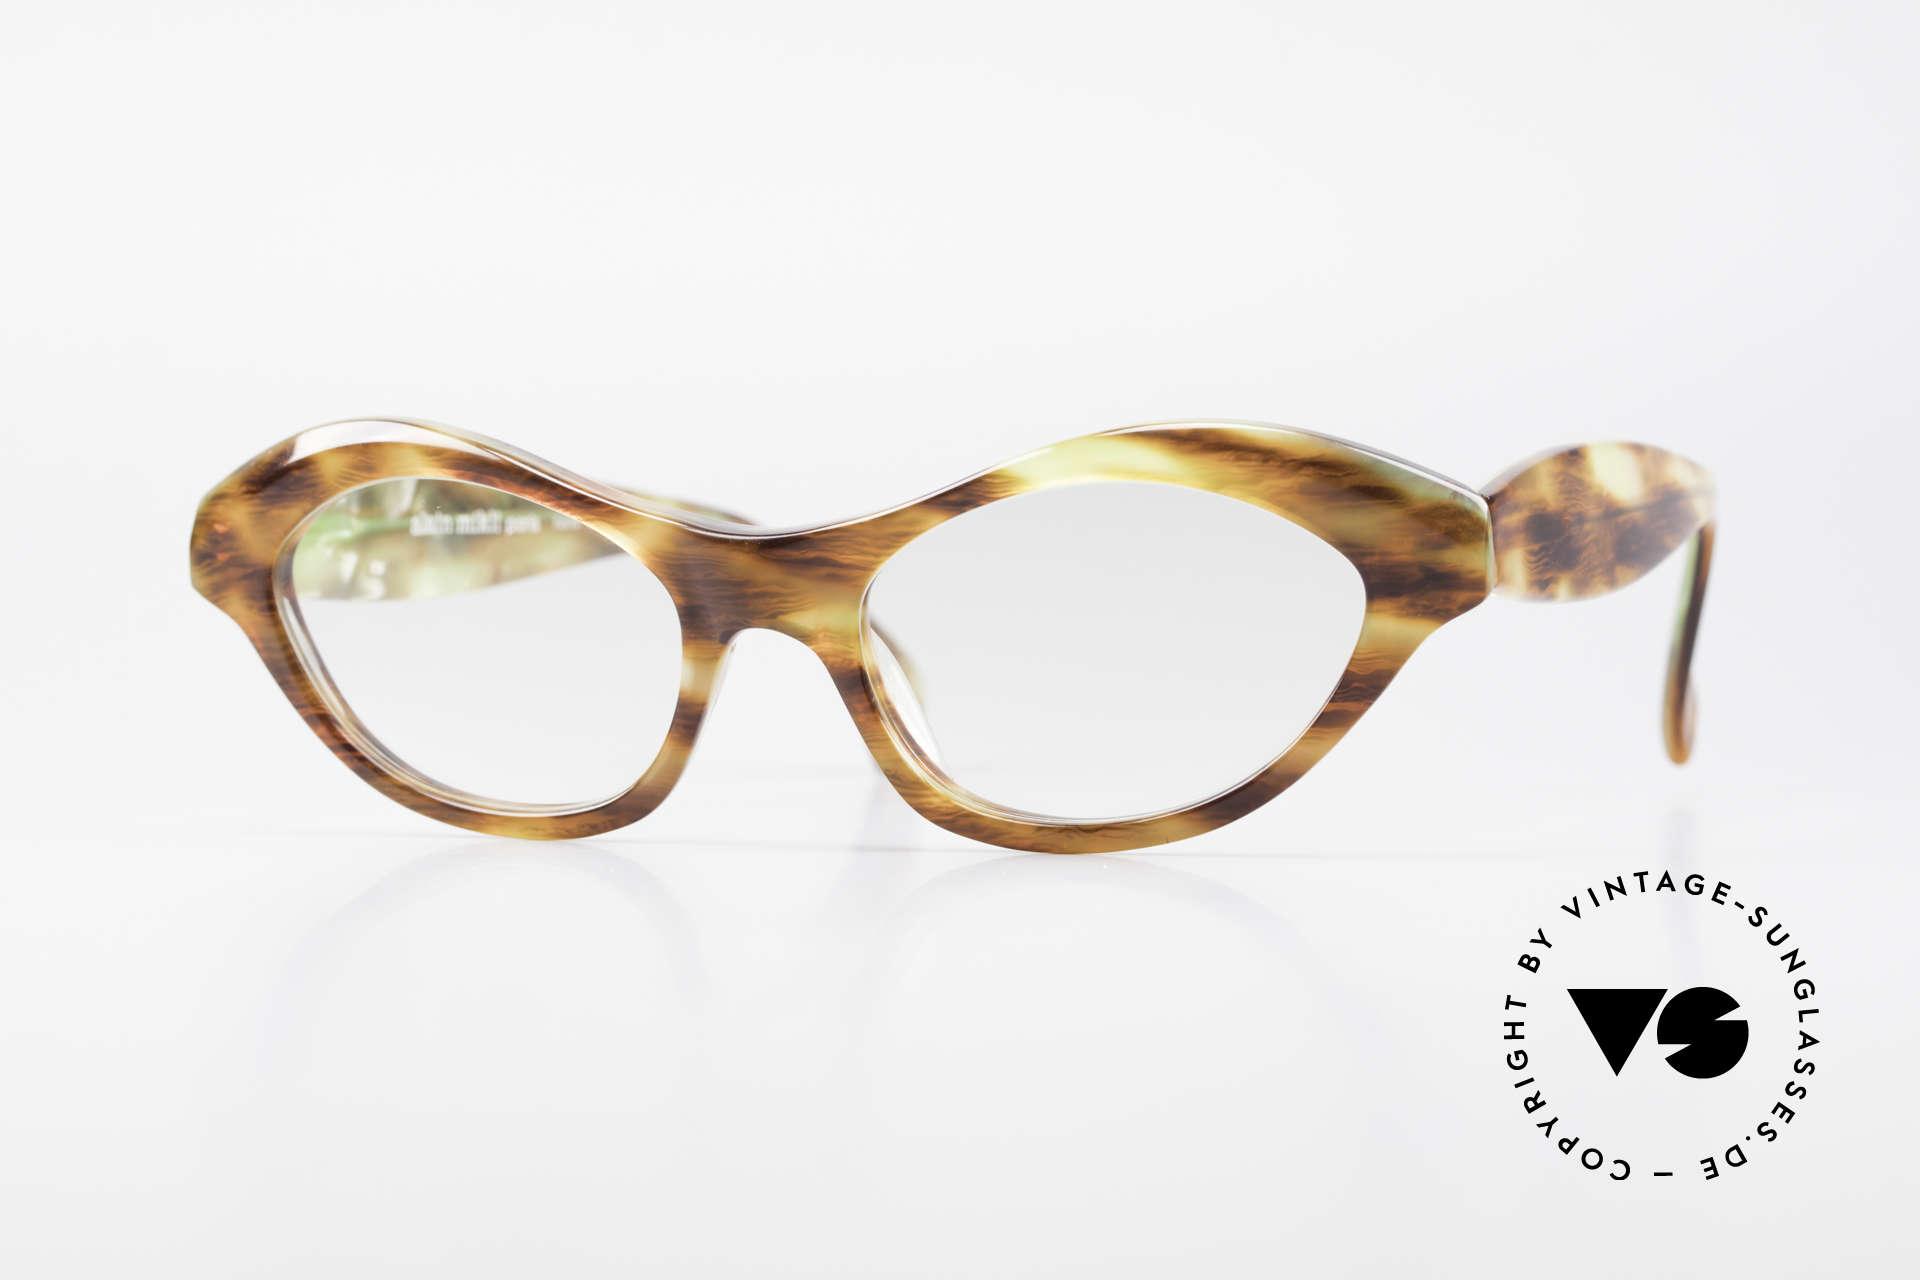 Alain Mikli 2112 / 1036 80er Cateye Style Damen Brille, zauberhafte Designersonnenbrille von Alain Mikli, Passend für Damen